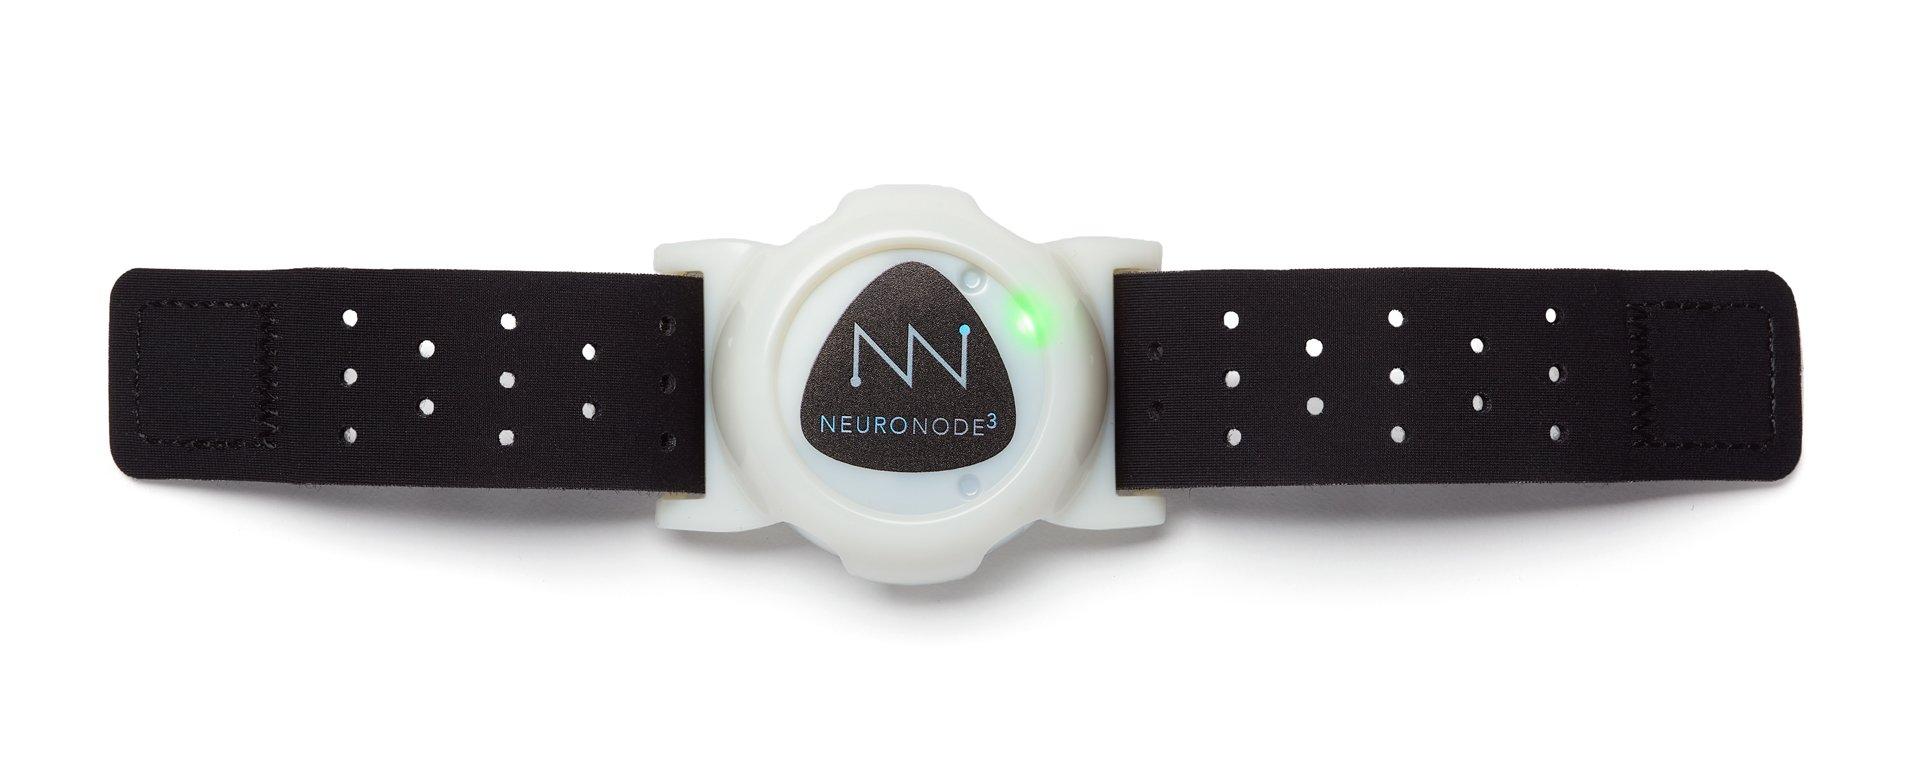 NeuroNode 3 on wrist strap